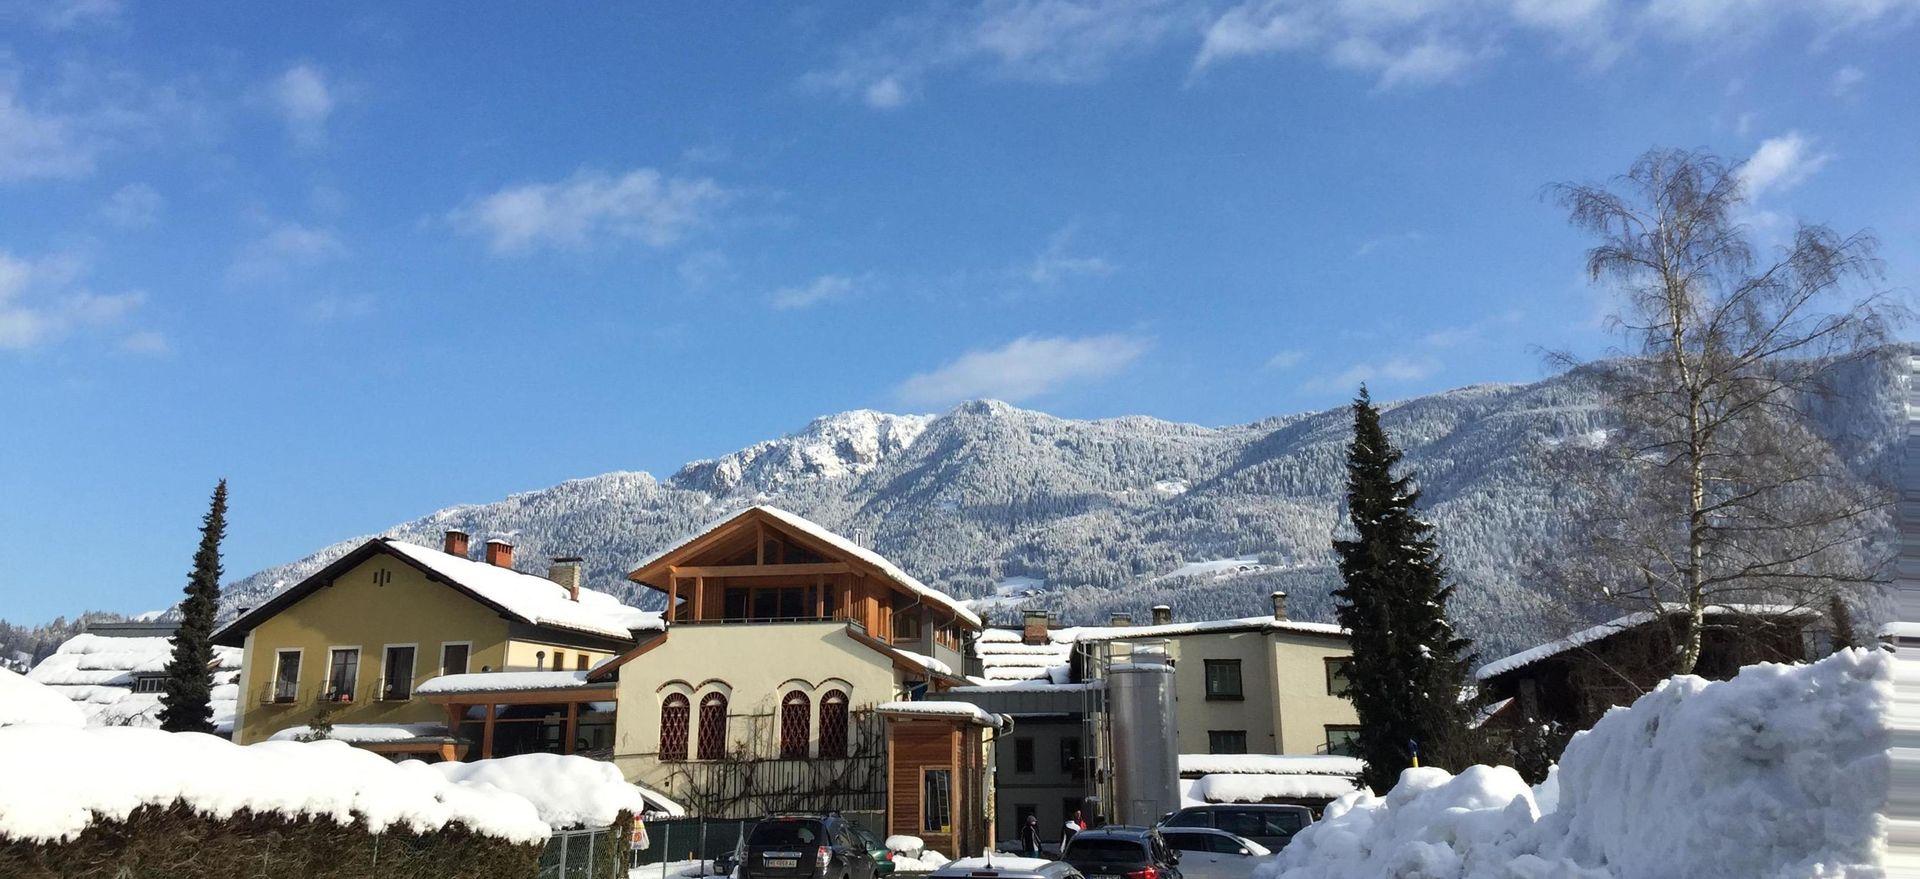 Meer info over Gasthof Edelweiss  Bierhotel Loncium  bij Wintertrex